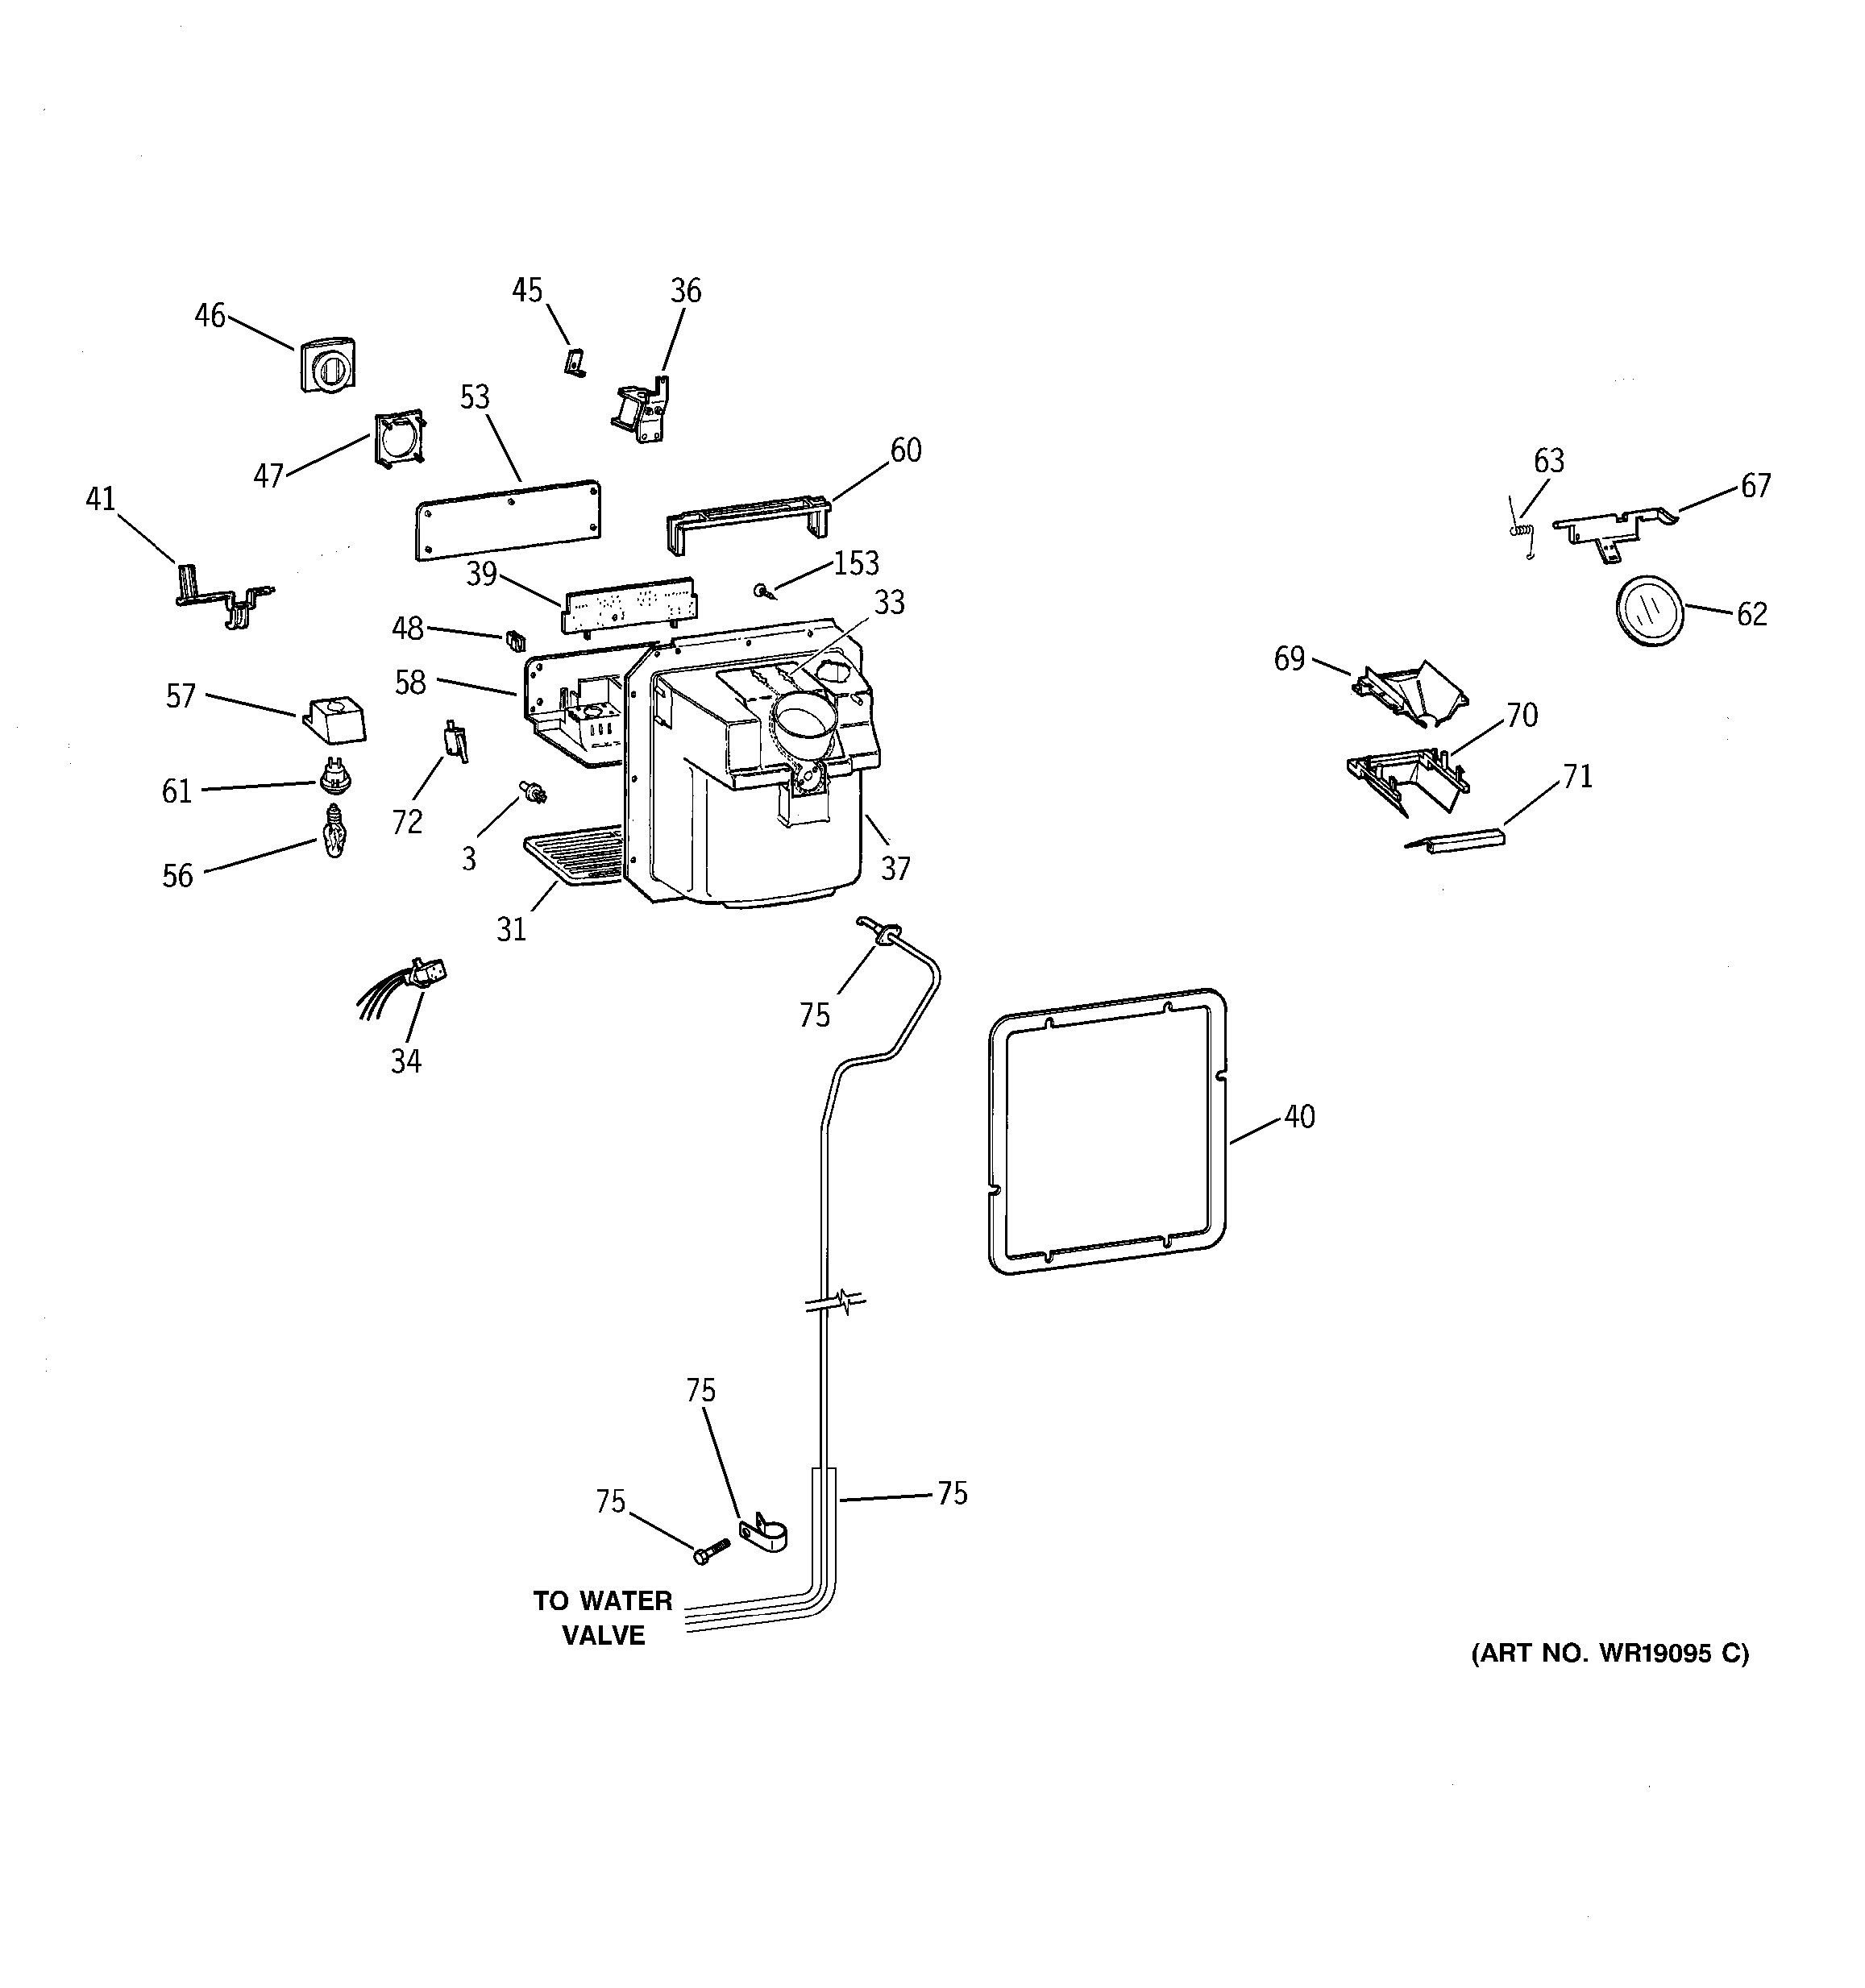 Toto Auto Flushometer Diagrams